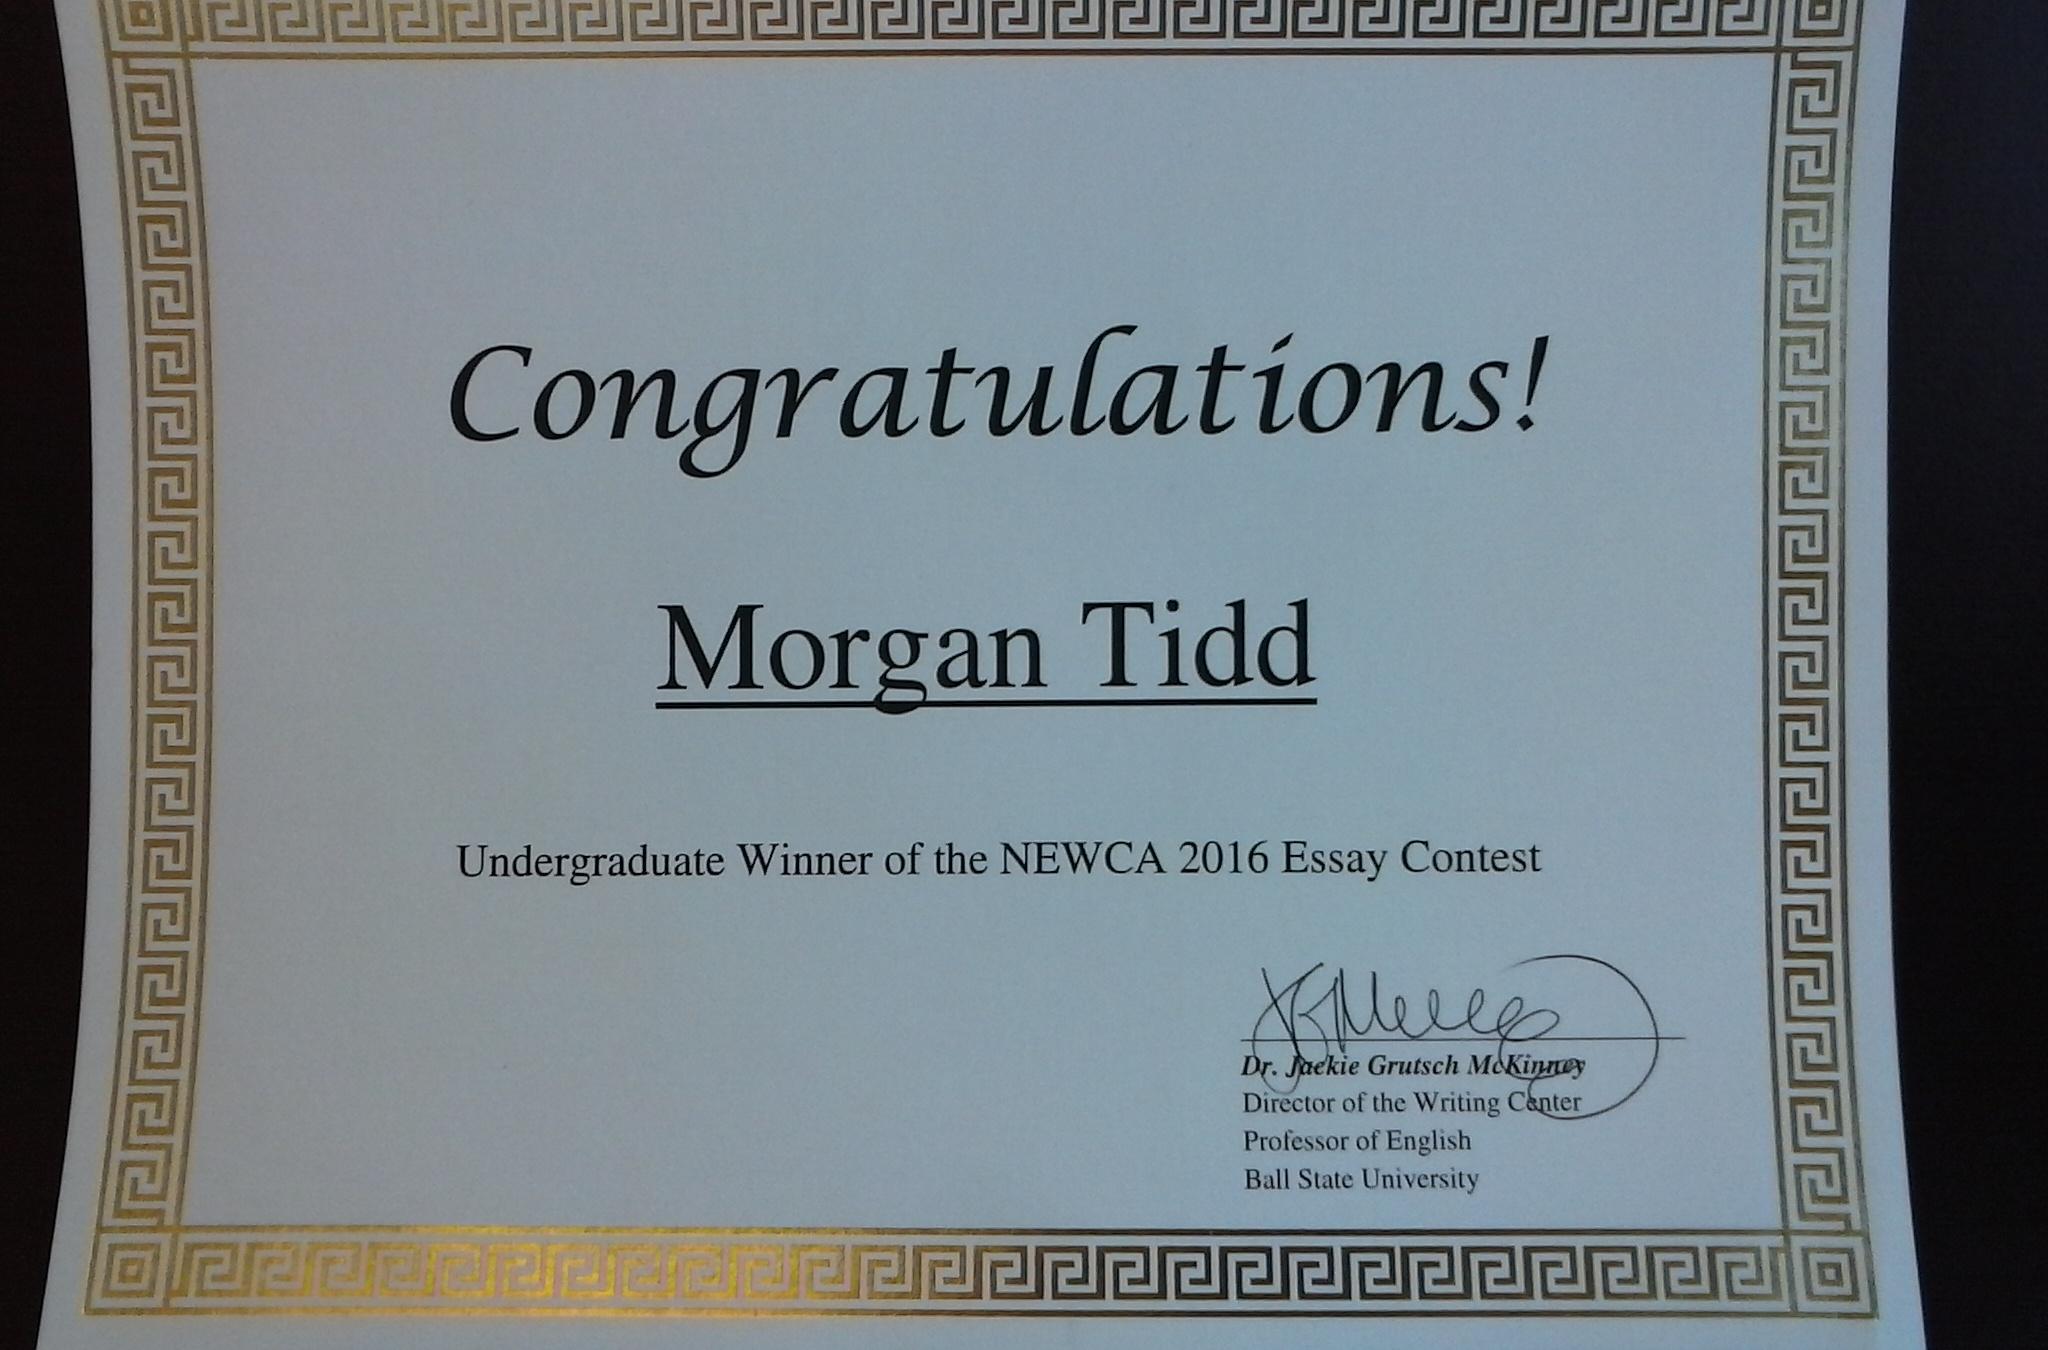 Certificate for Morgan Tidd